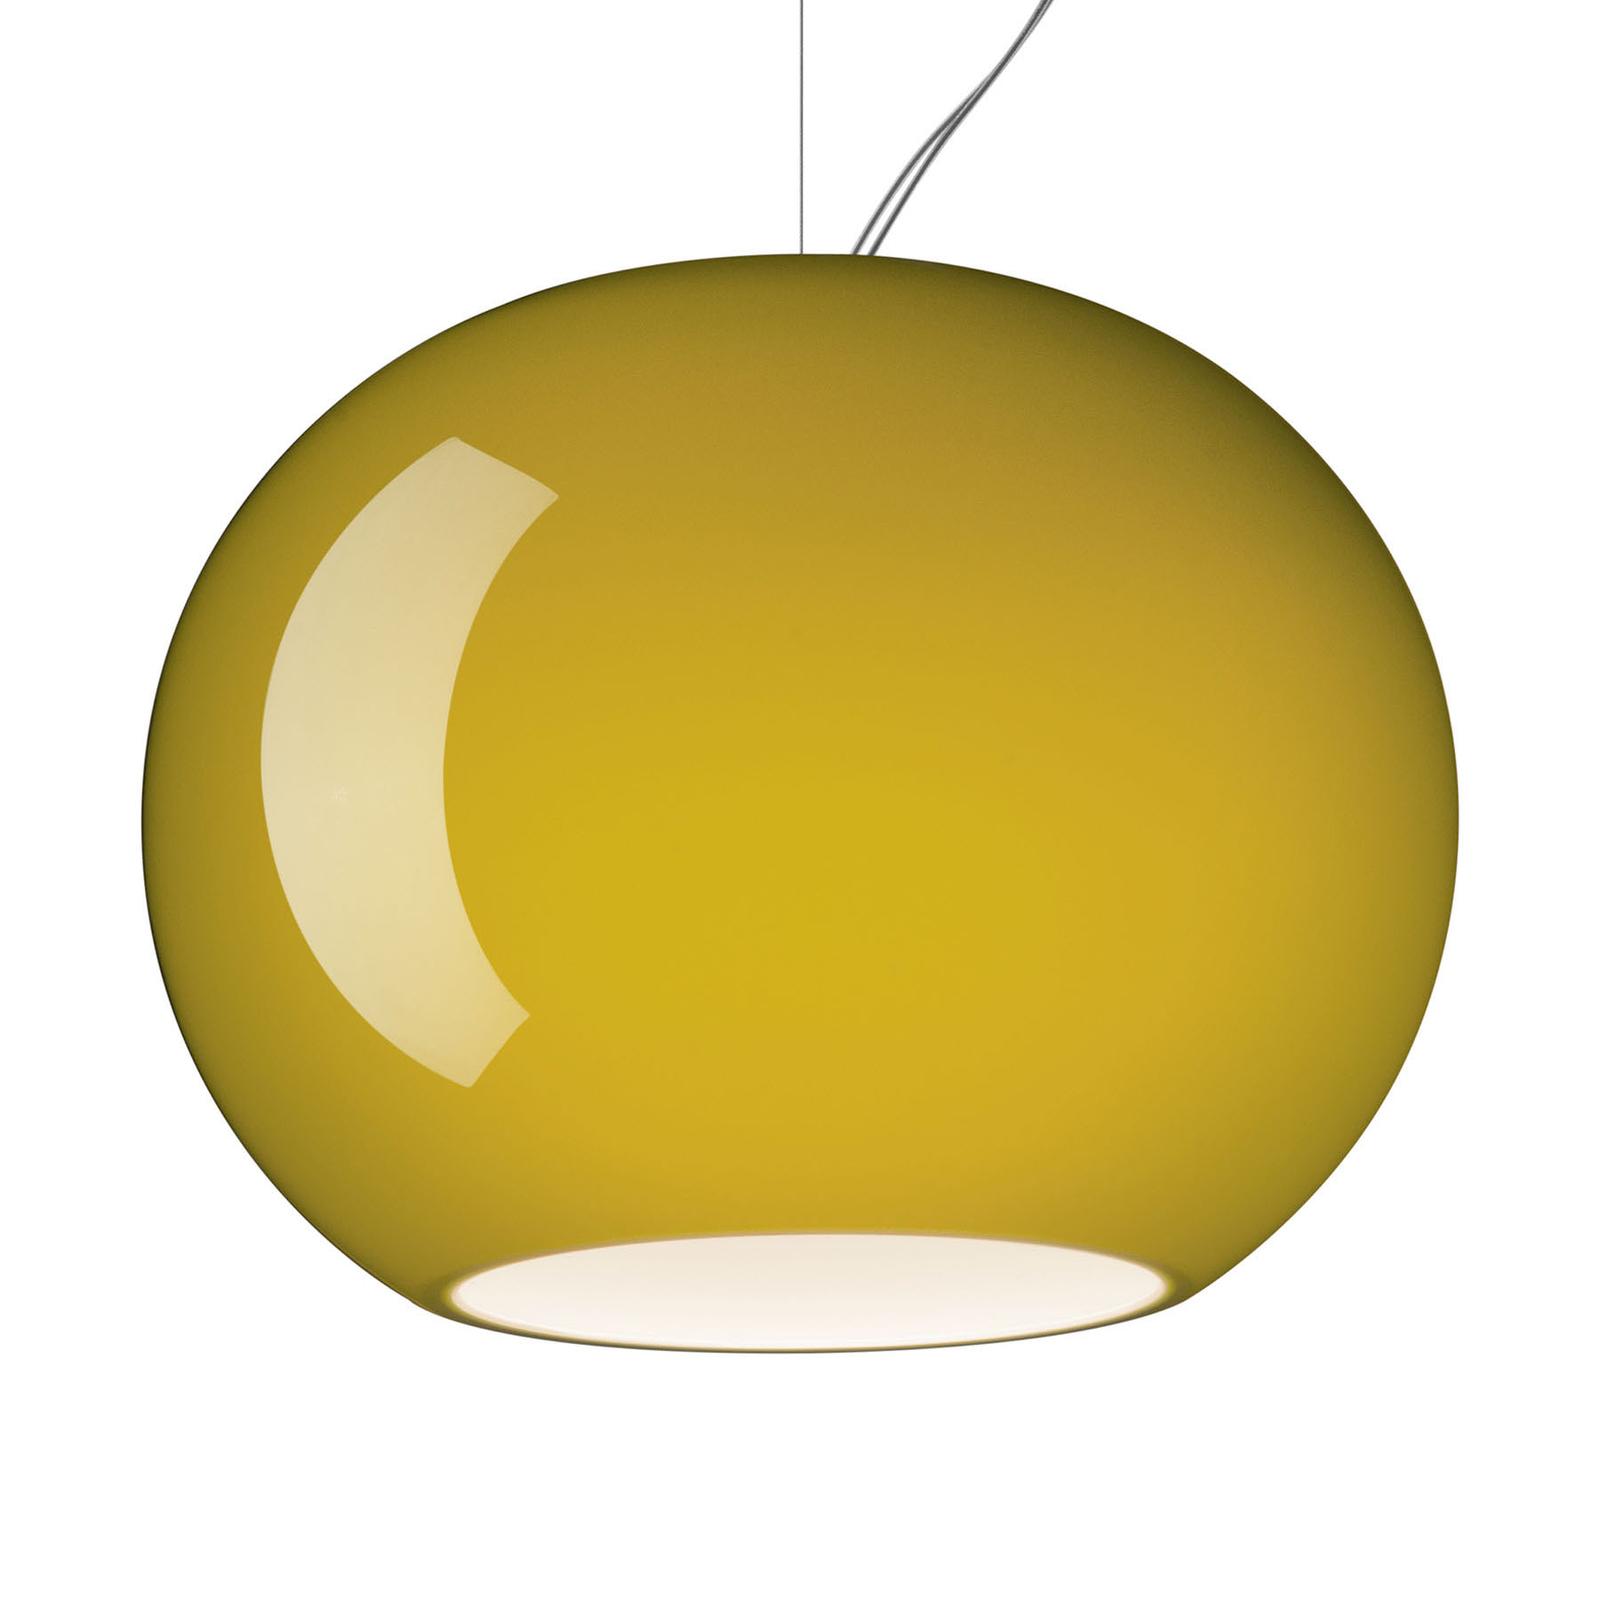 Foscarini Buds 3 LED-Pendelleuchte, E27 gelbgrün